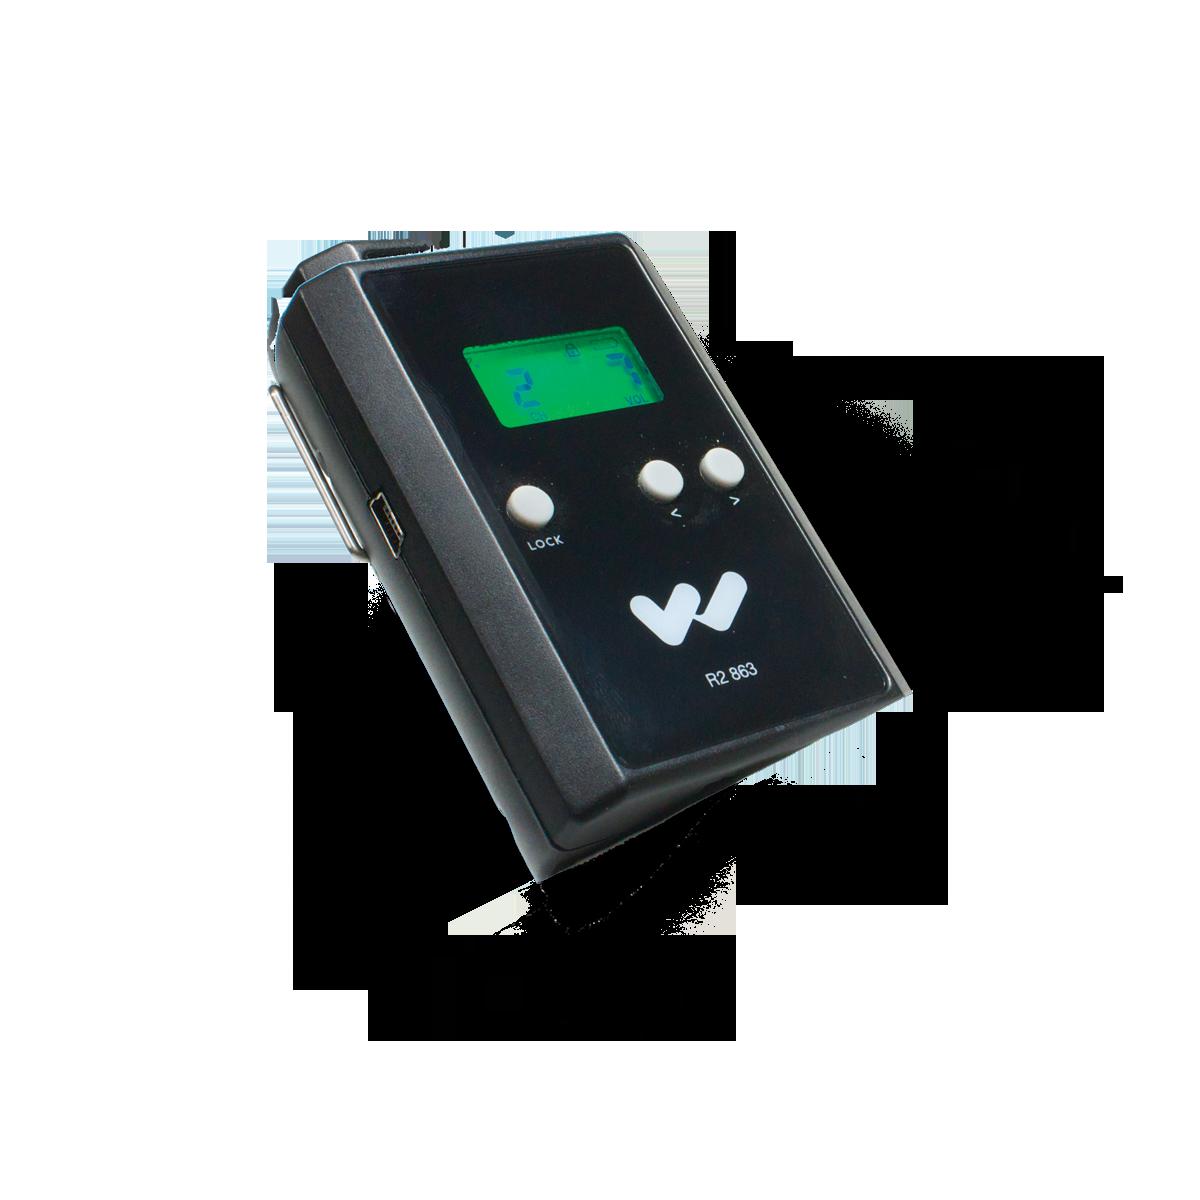 W-R2863 863 MHZ Reciever